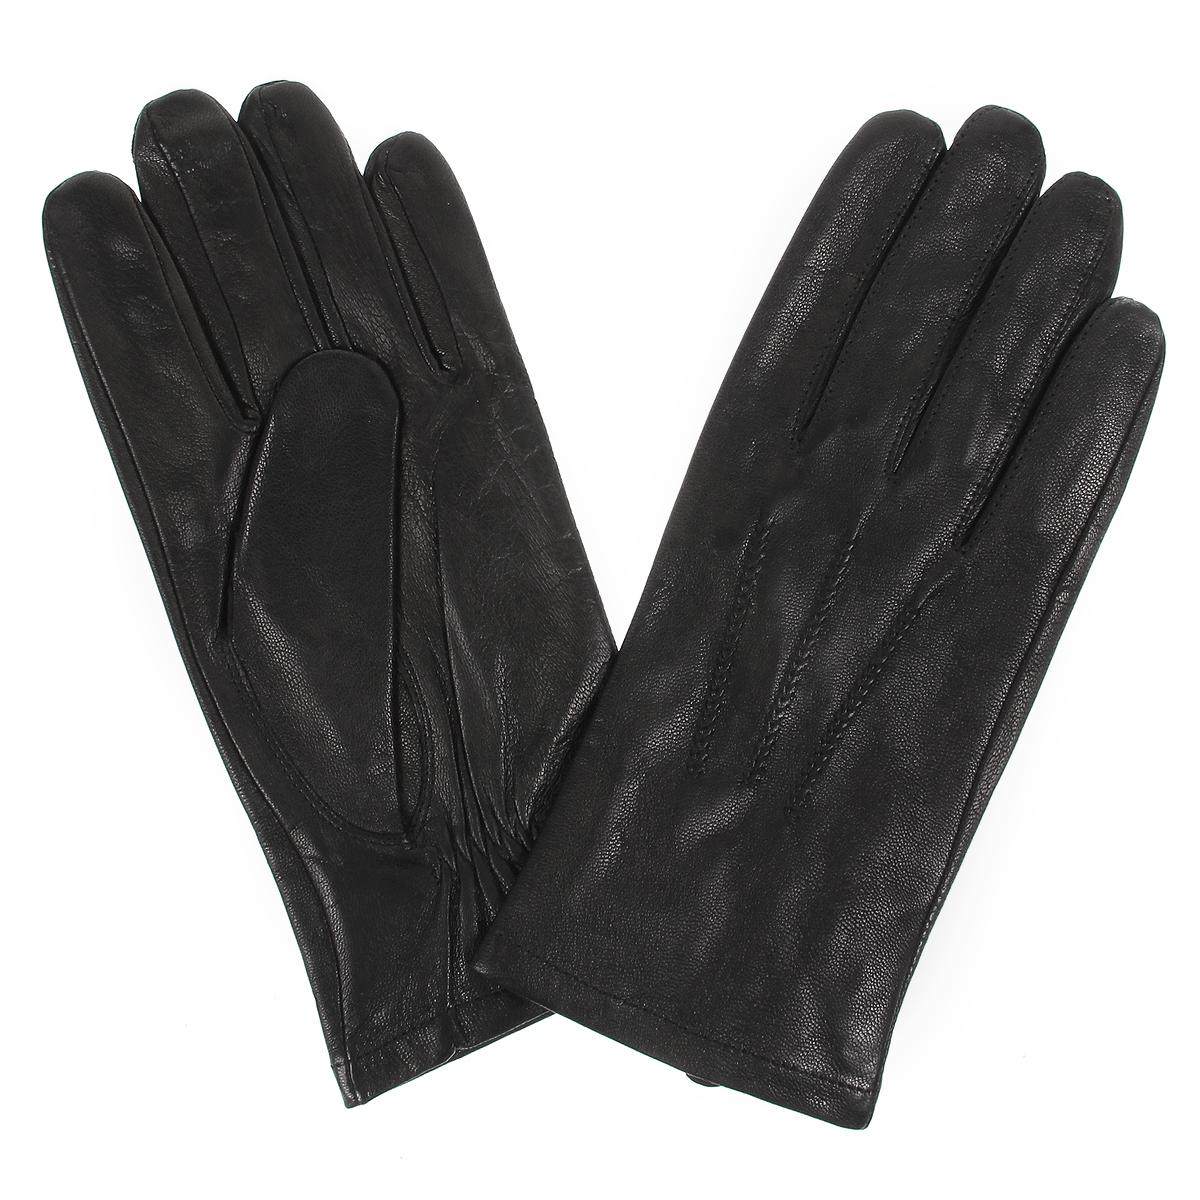 """Перчатки мужские. HK3028HK3028/10Мужские перчатки Baggini не только защитят ваши руки от холода, но и станут стильным аксессуаром. Перчатки выполнены из мягкой и приятной на ощупь натуральной кожи, подкладка - из шелка. Модель на лицевой стороне оформлена декоративными швами """"три луча"""". Манжеты с тыльной стороны присборены на резинку для лучшего прилегания к запястью. Перчатки станут завершающим и подчеркивающим элементом вашего неповторимого стиля и индивидуальности."""